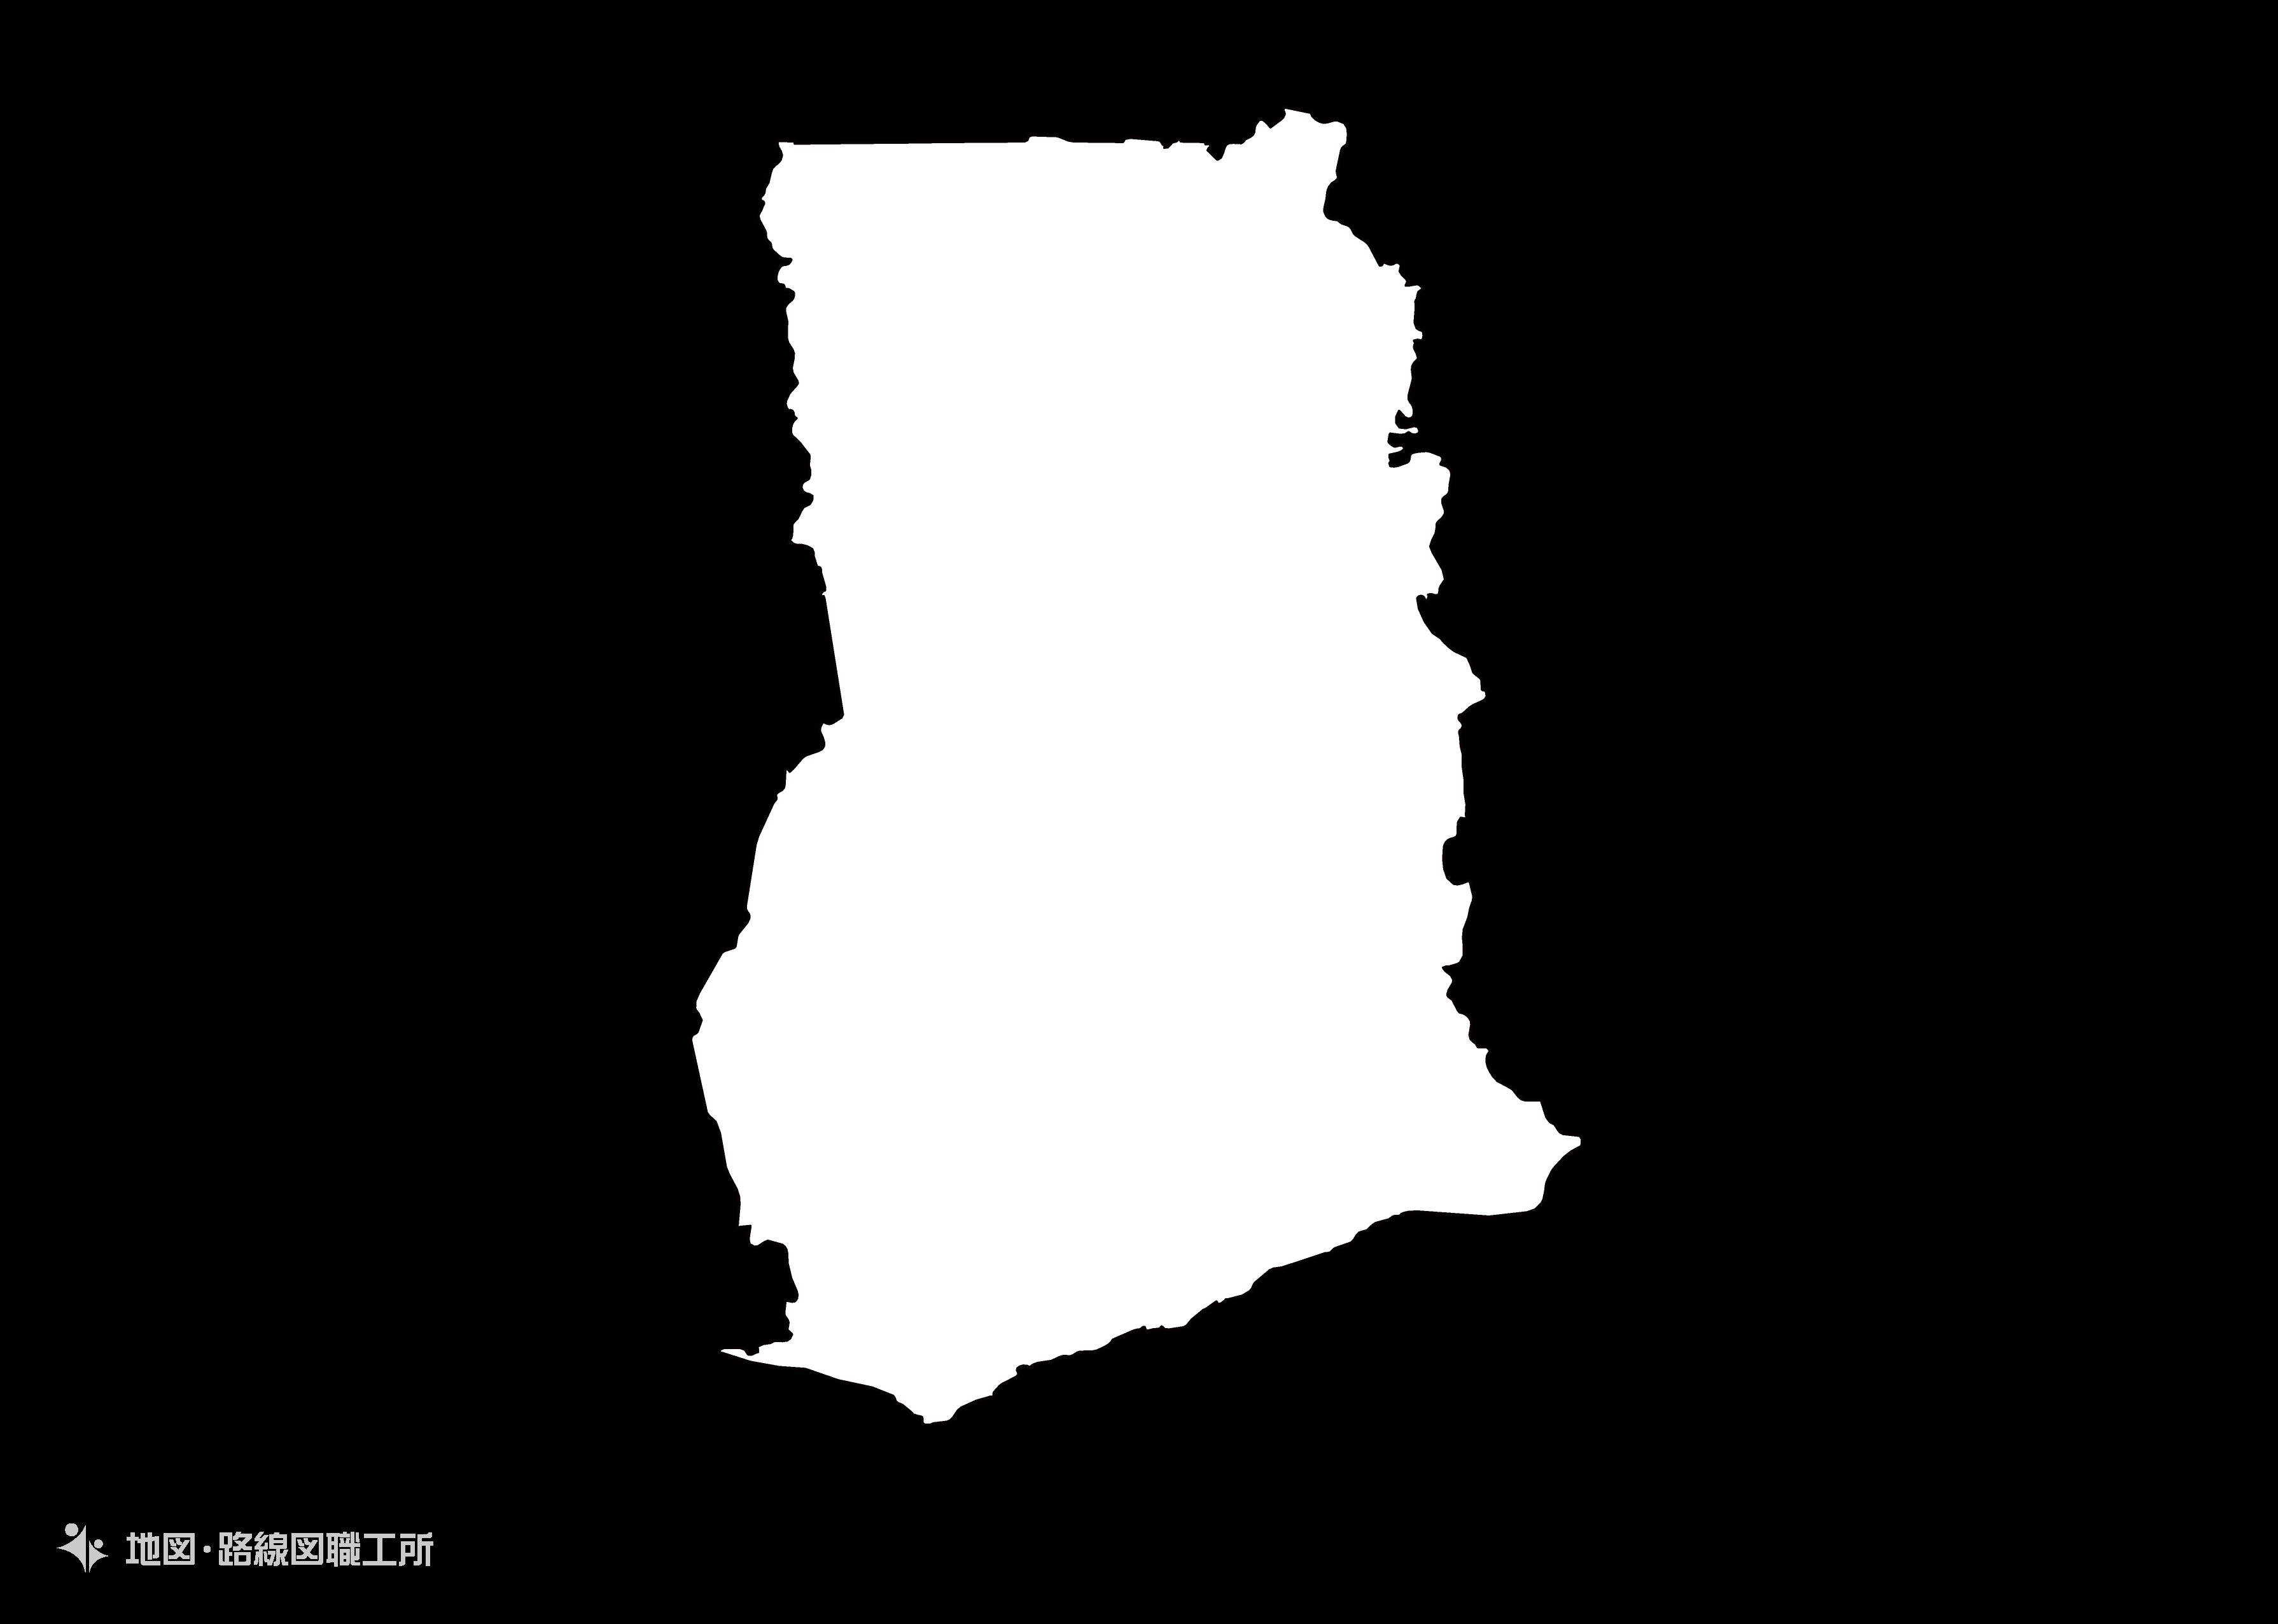 世界の白地図 ガーナ共和国 republic-of-ghana map